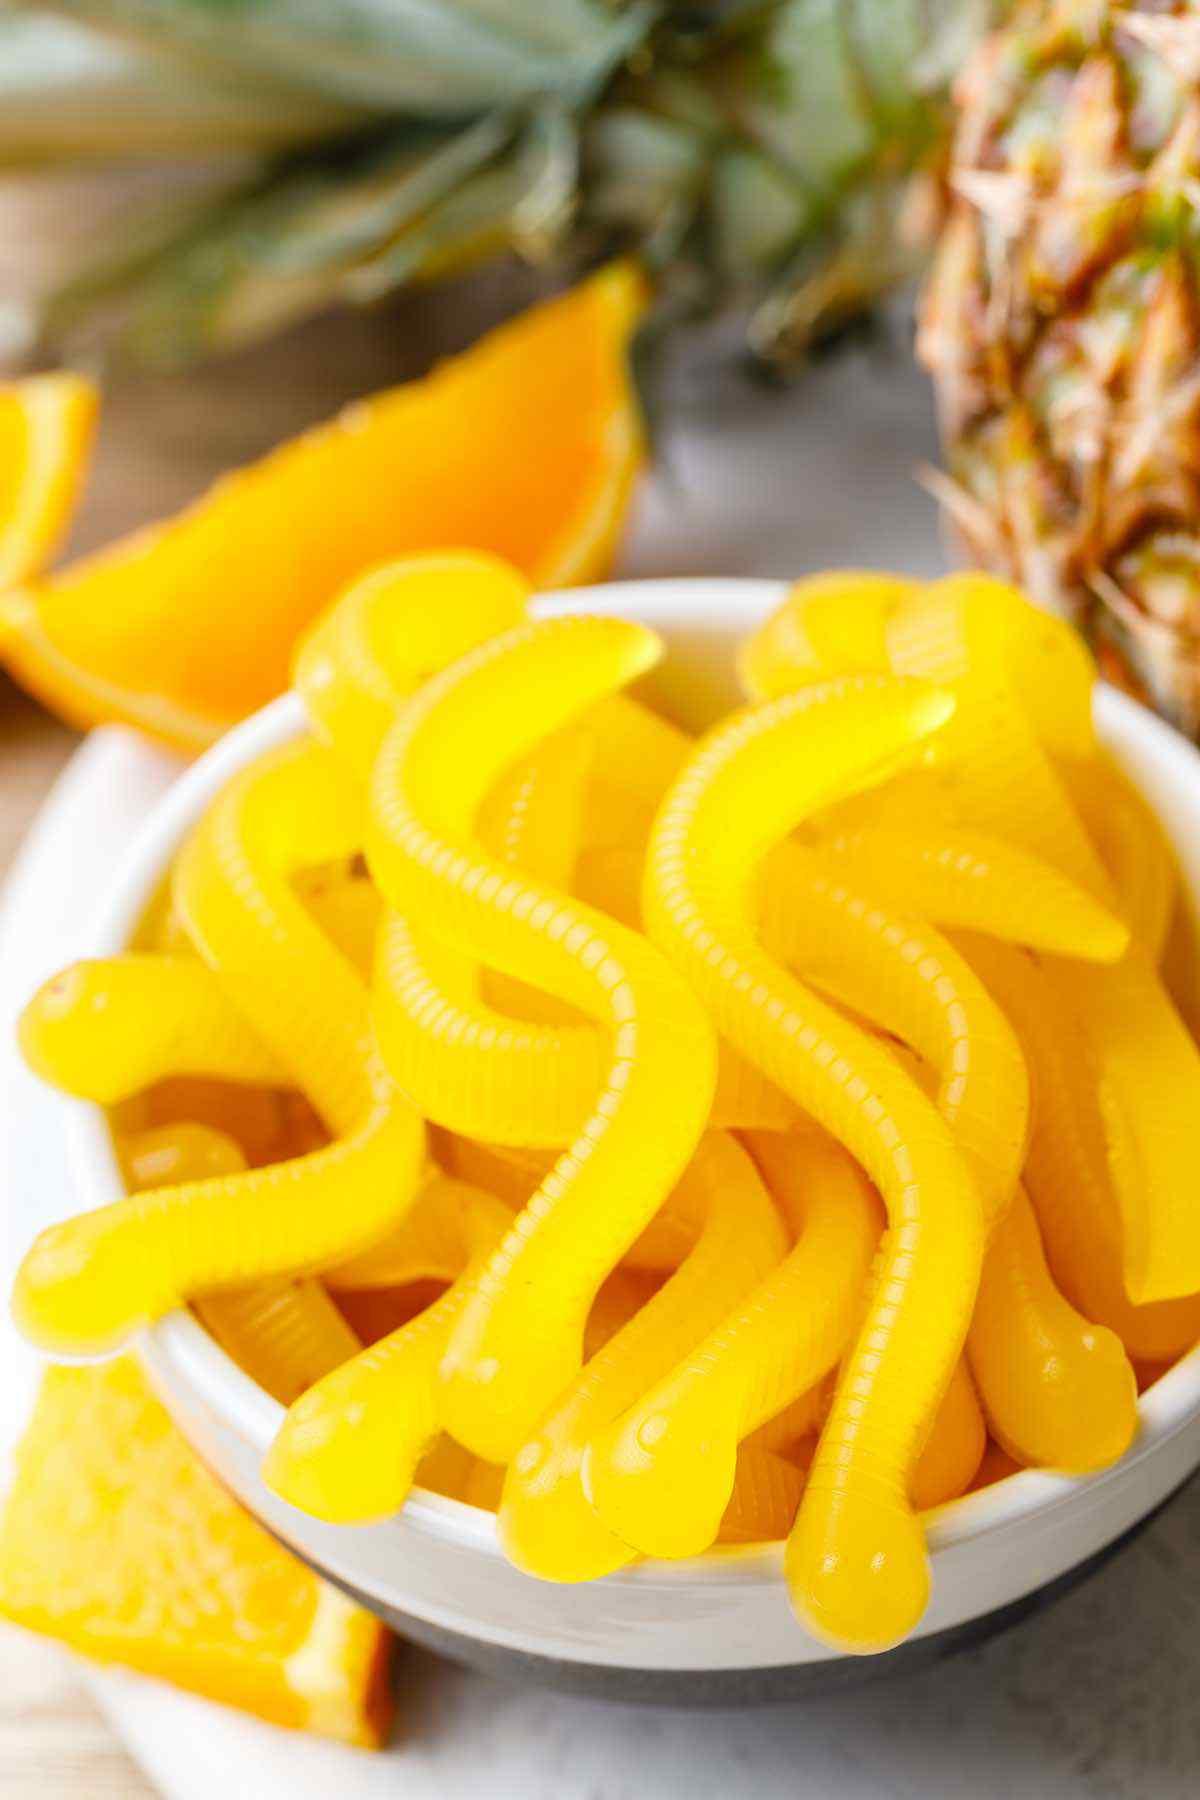 4-Ingredient Pineapple Fruit Snacks